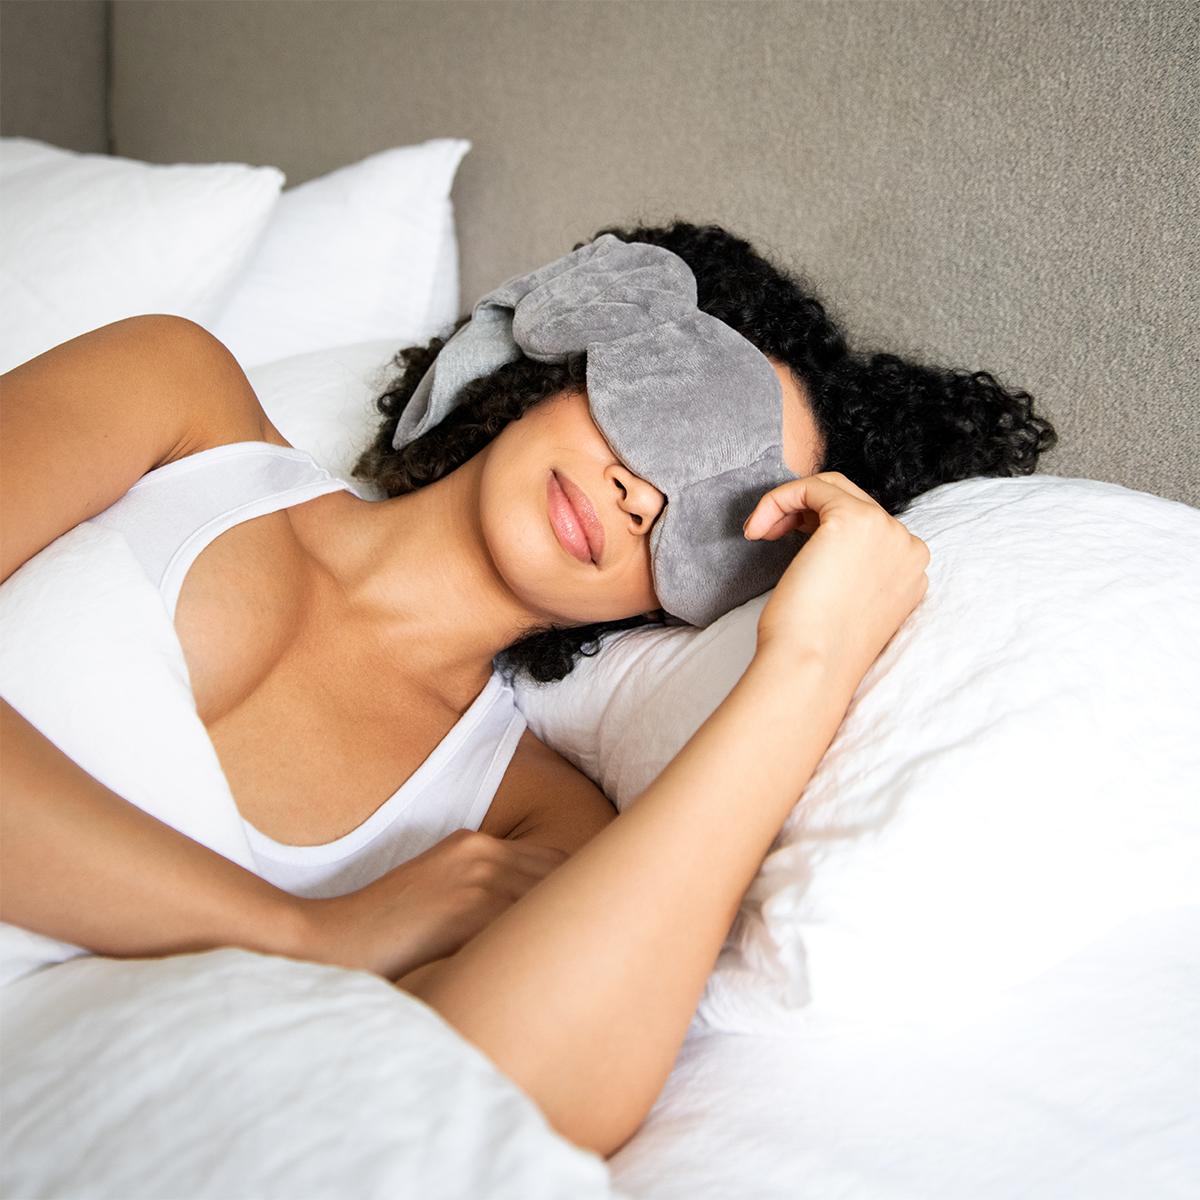 「ハグされているような安心感」を与えてくれます。目の上に乗せるだけ、穏やかな重みで夢の世界へ。寝返りを打ってもズレにくい「スリープマスク」|nodpod(ノッドポッド)